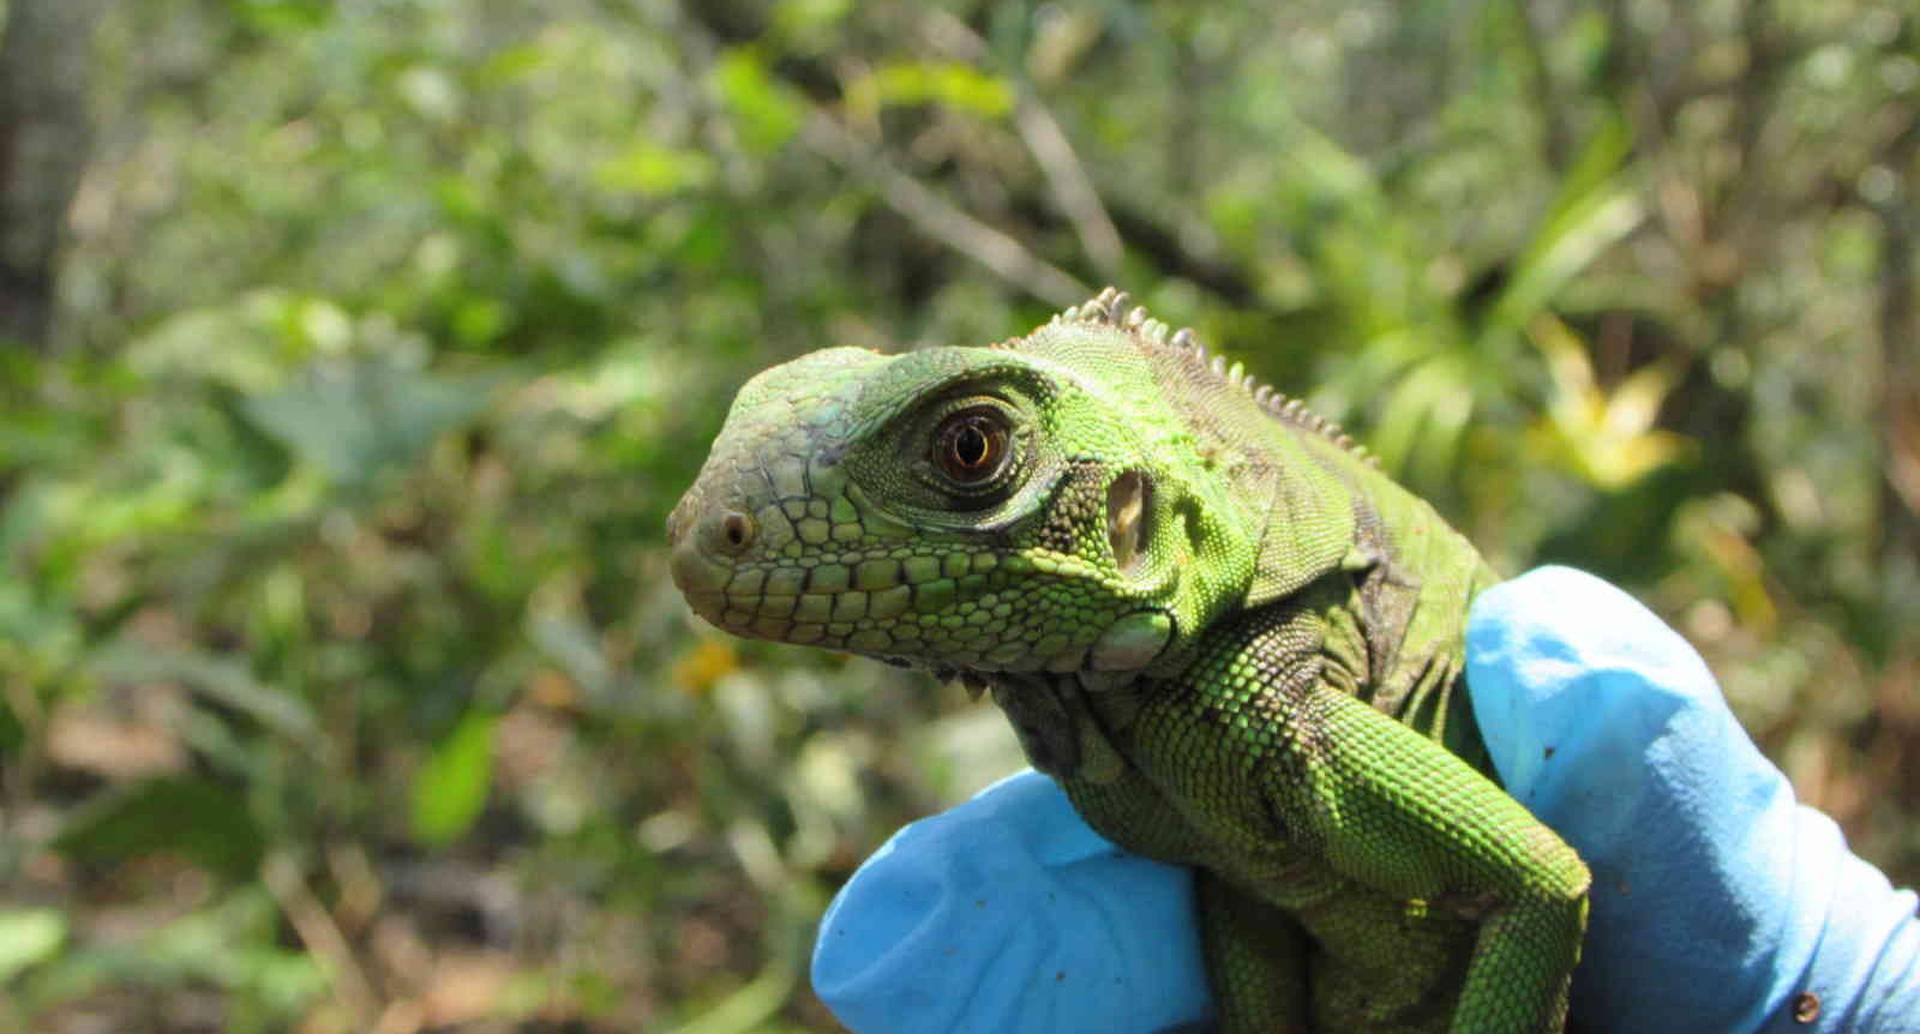 El Parque Natural Regional Laguna de Lomalinda en Puerto Lleras es el nuevo hábitat de 70 animales silvestres que fueron víctimas del tráfico ilegal de fauna. Foto: Cormacarena